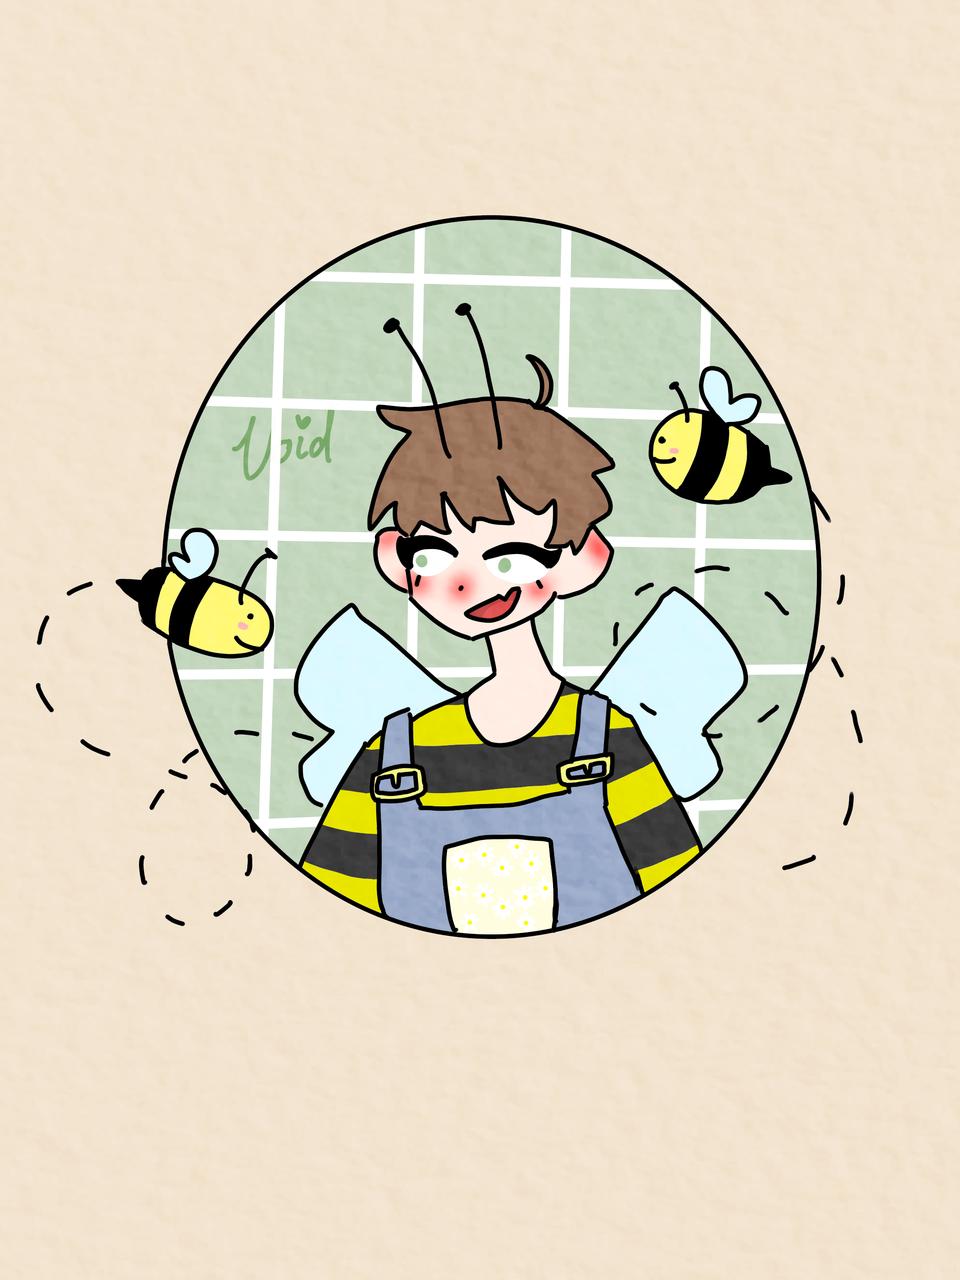 bee boy <3 Illust of MOO! |v! baku